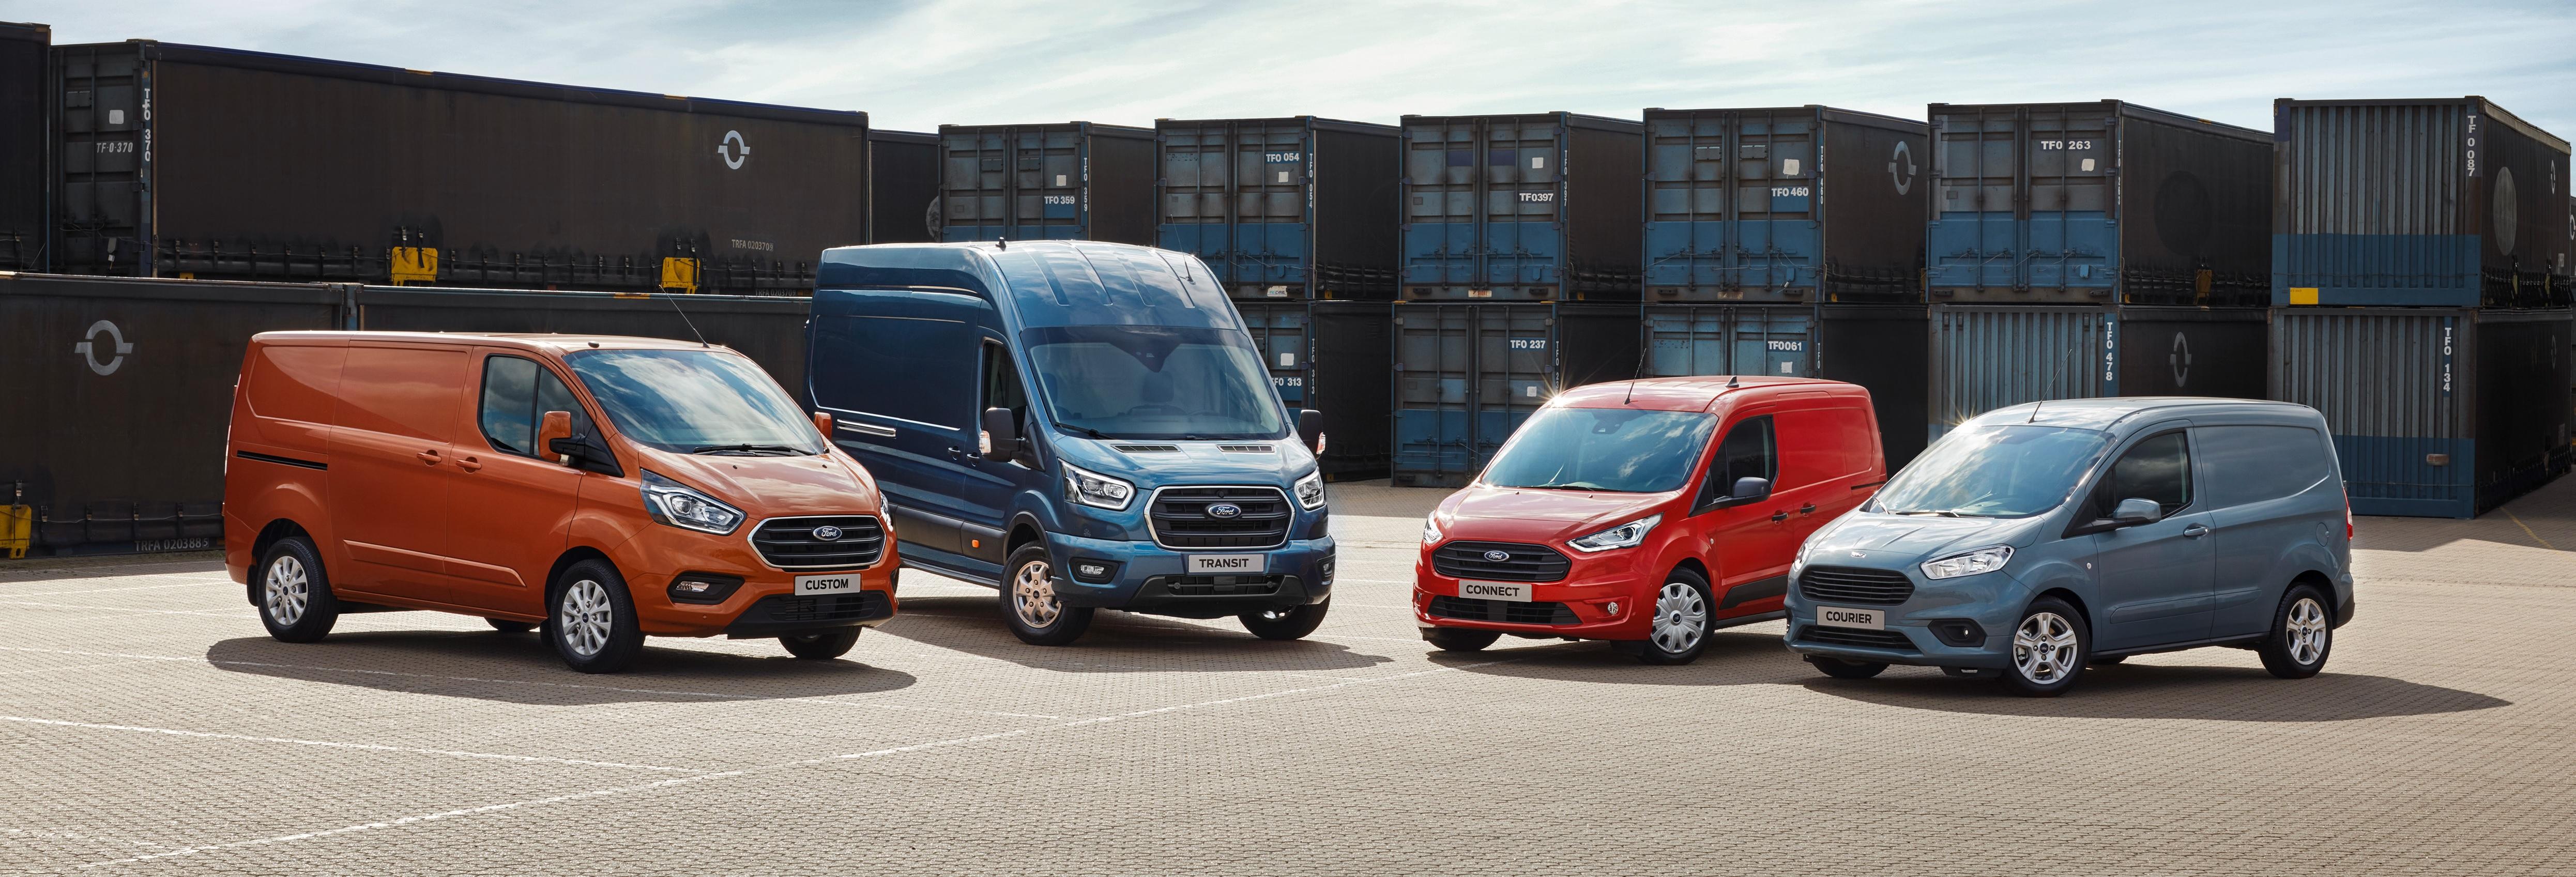 06a7368c49d9d7 Ford Vans - Discount Van Sales